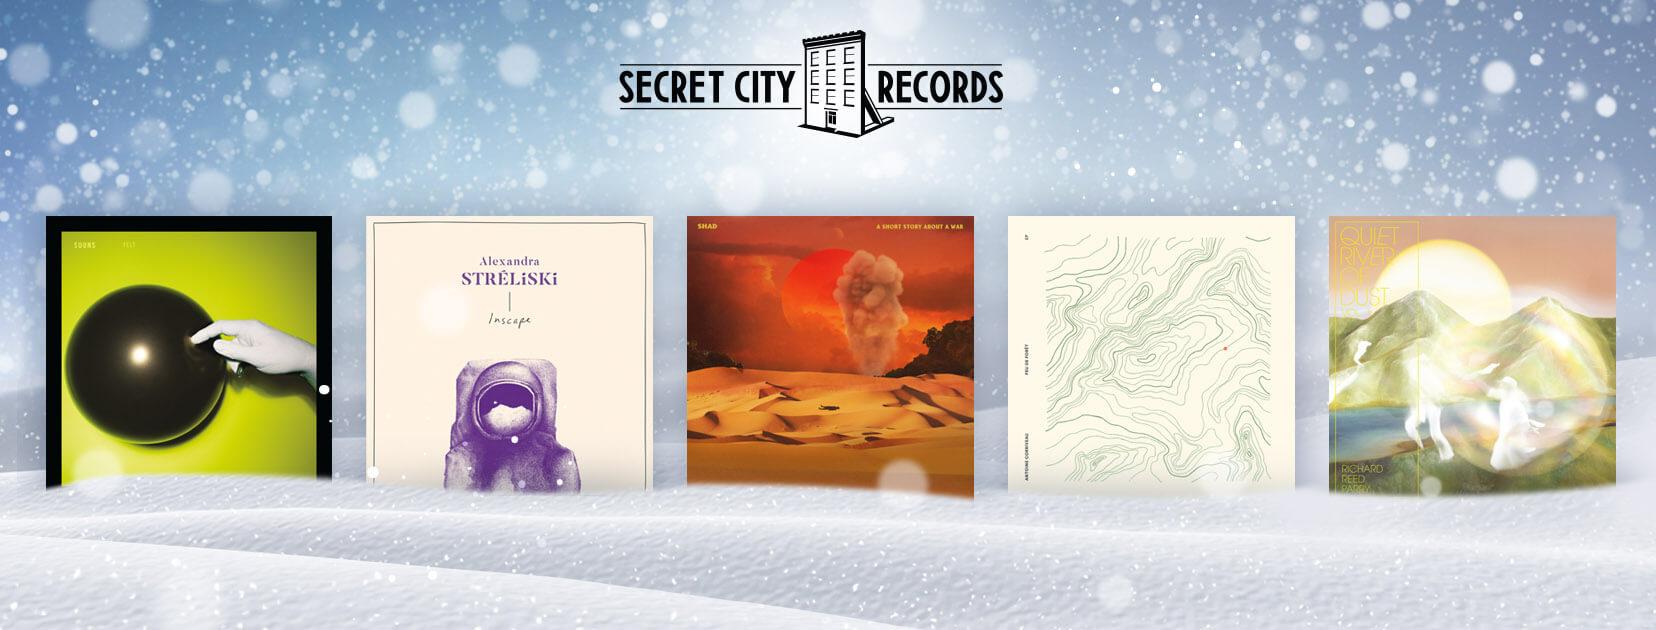 SecretCity-Christmas1